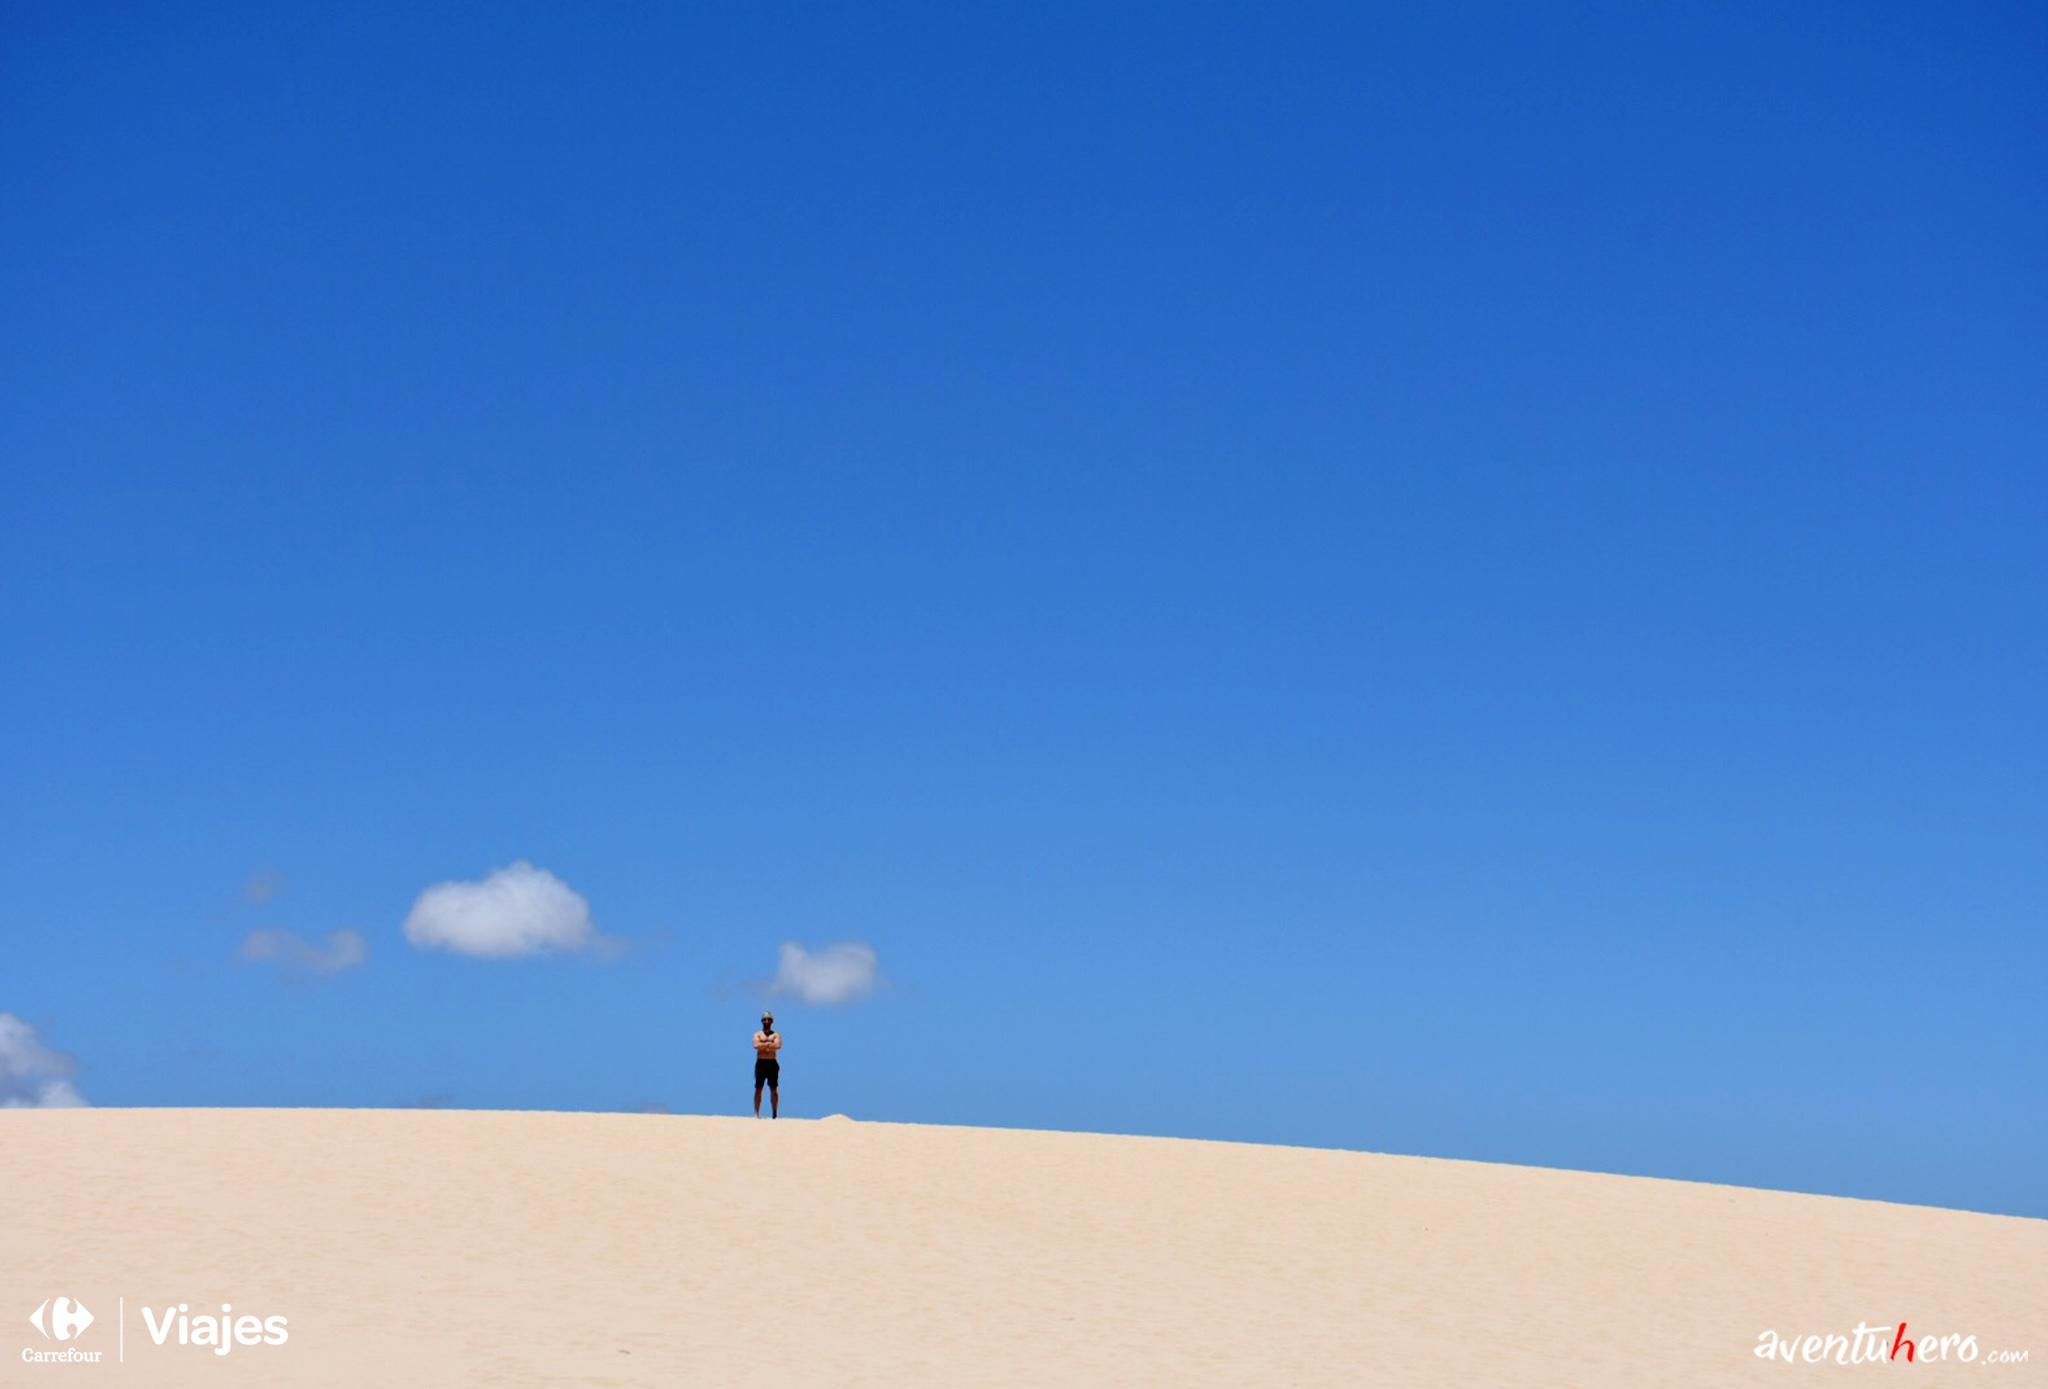 Aventuhero - En las dunas de El Corralejo